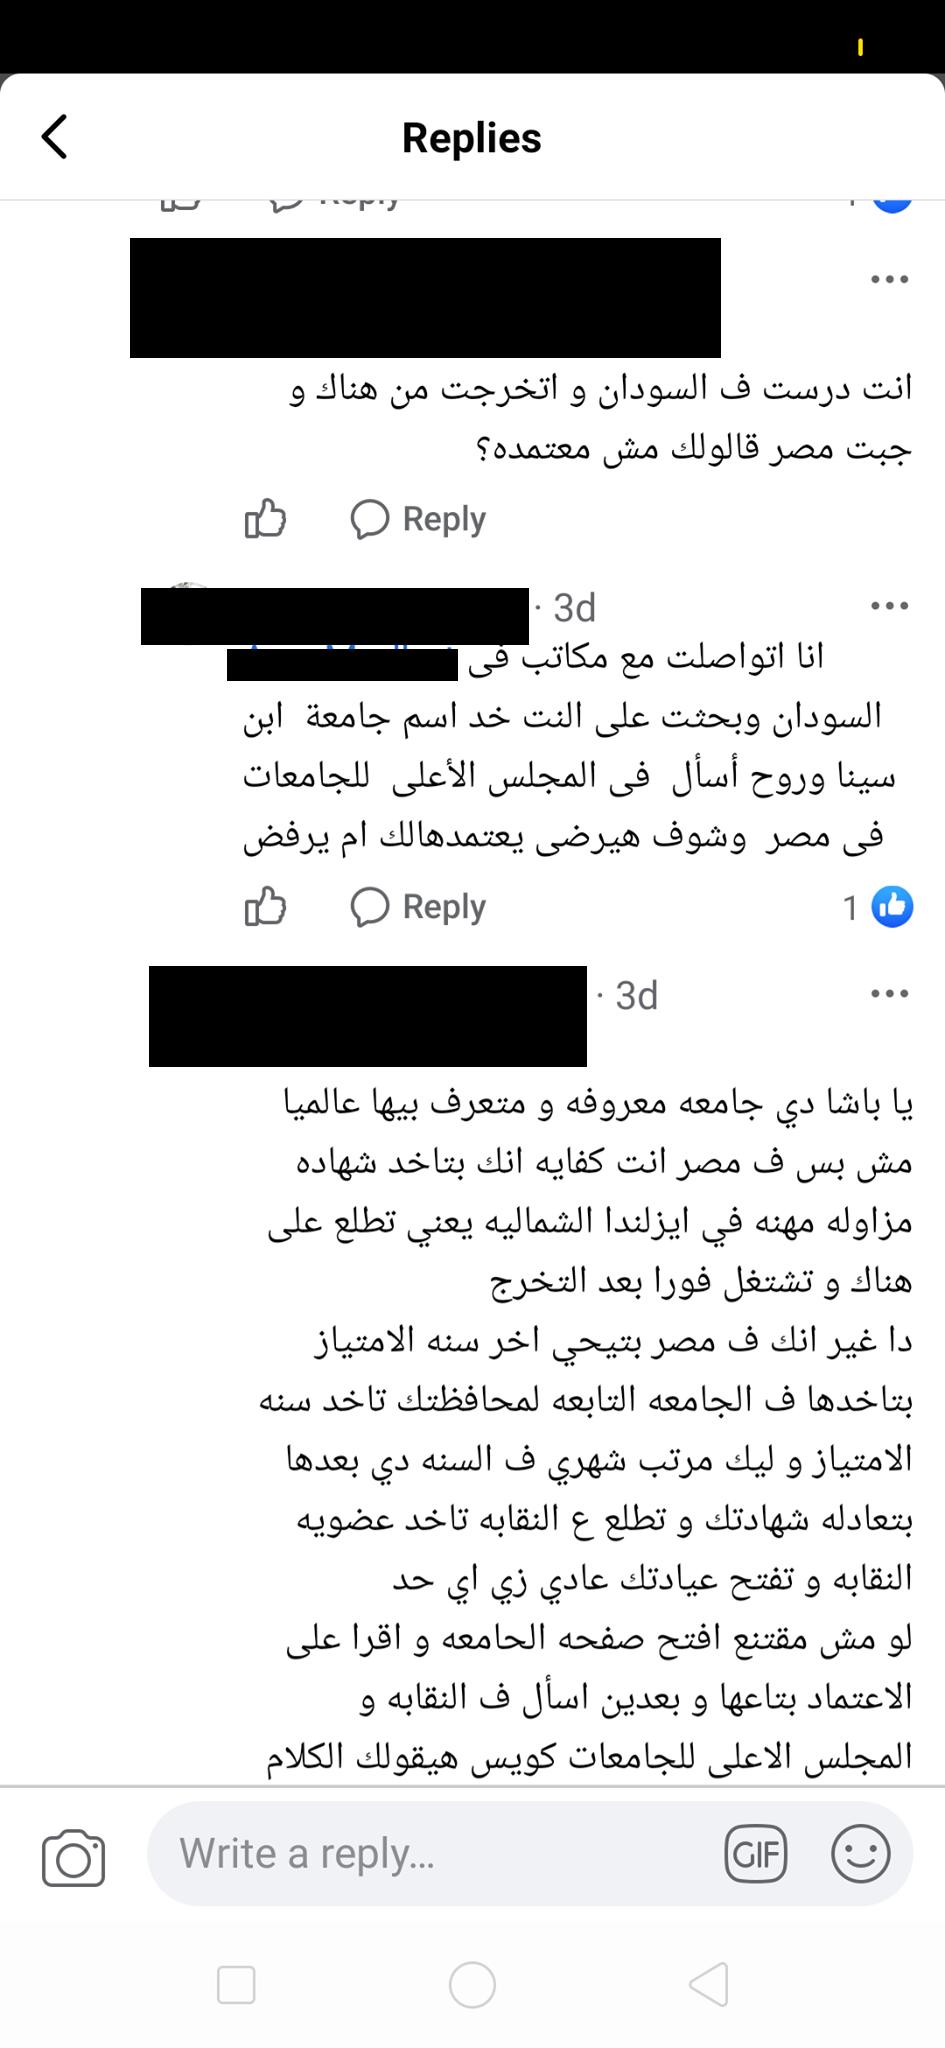 تعليق مندوب احدى الشركات على اعتماد الجامعات السودانية